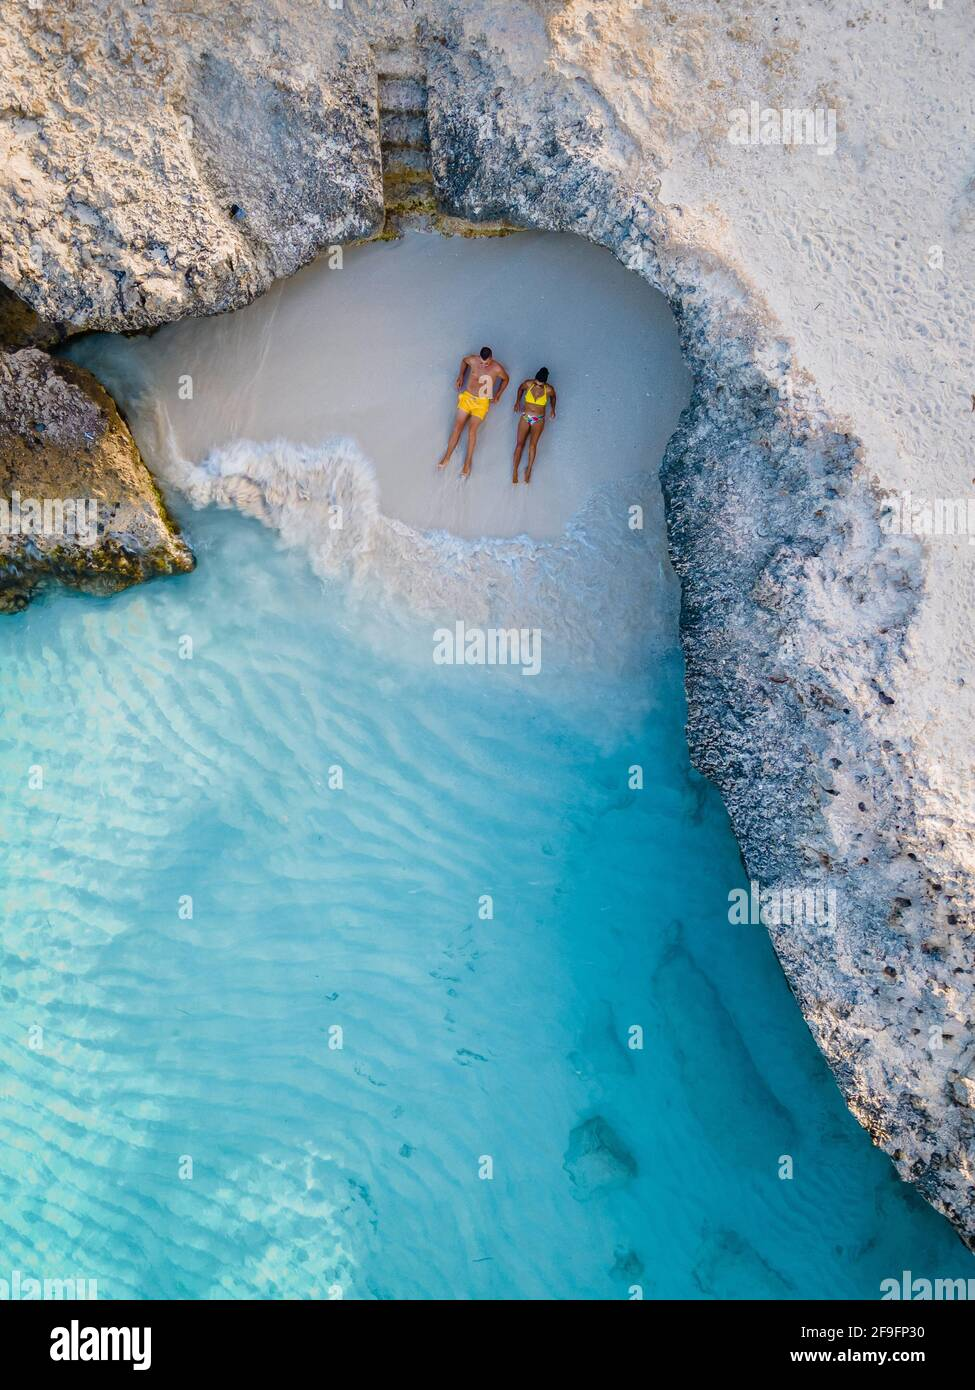 Tres Trapi Steps Triple Steps Beach, Aruba Completamente vacía, Playa popular entre los lugareños y turistas, el océano cristalino Aruba. Caribe, pareja hombre y mujer en un océano cristalino Foto de stock